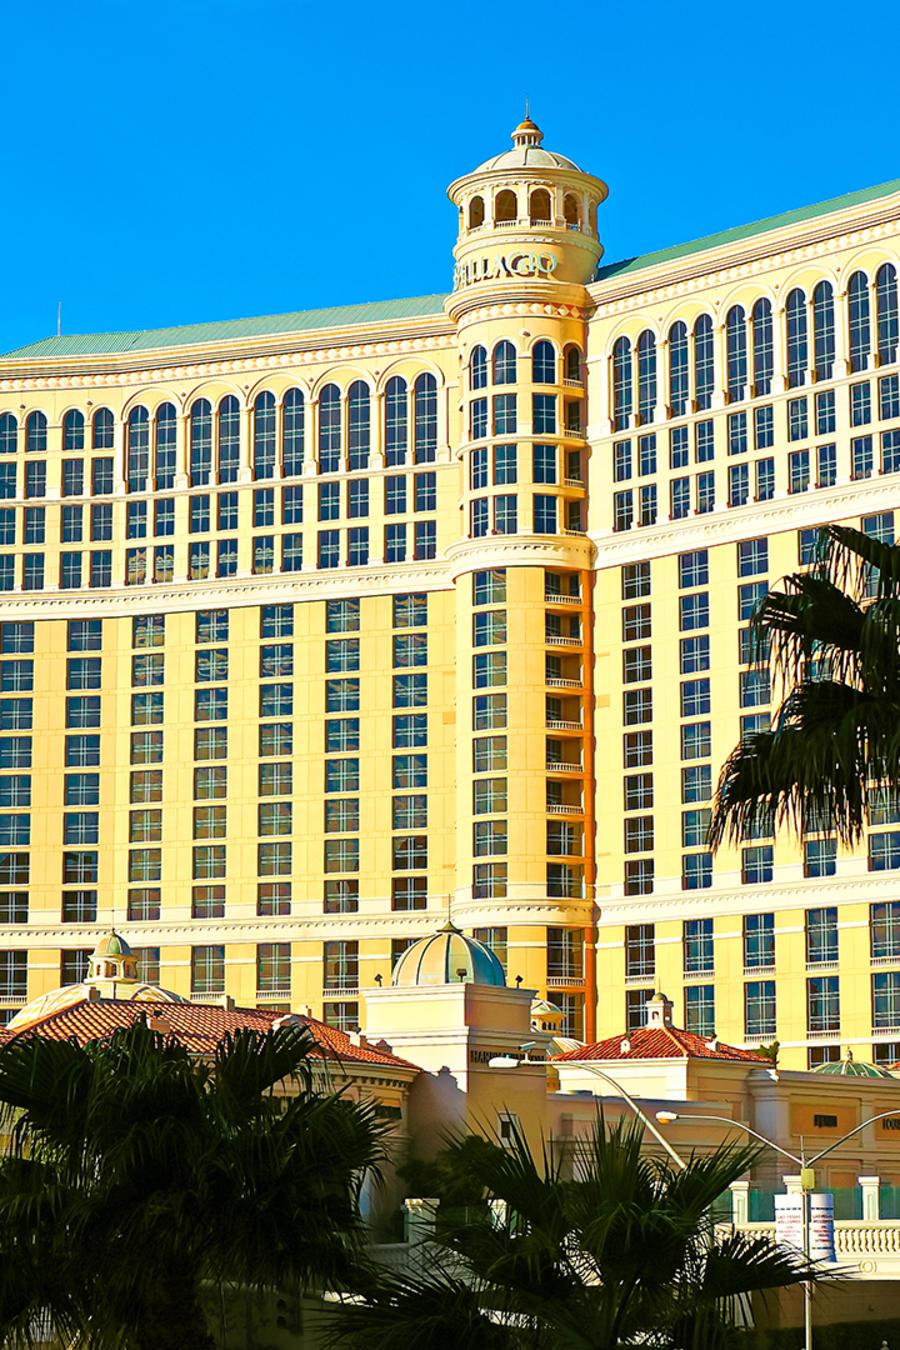 Casino Bellagio de Las Vegas sufre atraco de película